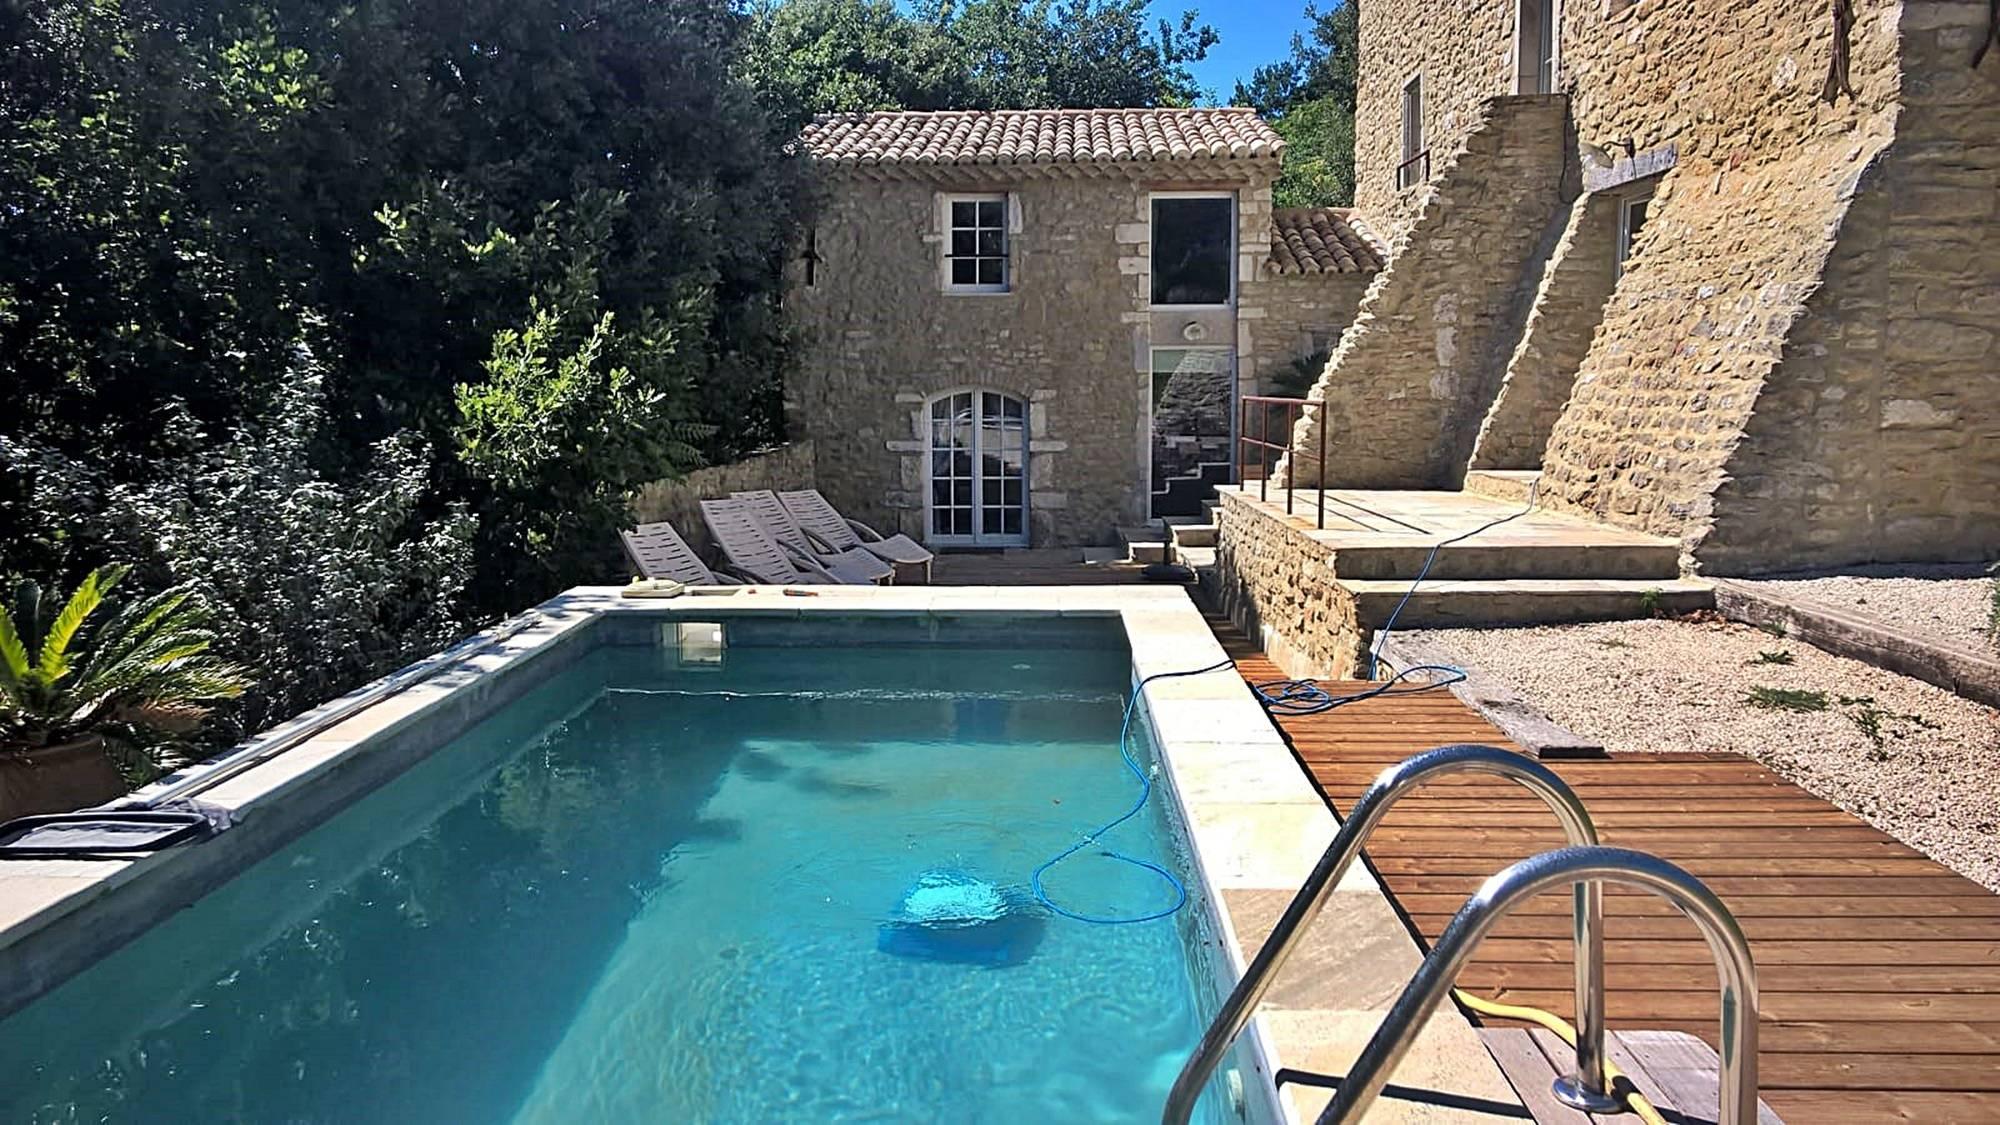 Université Du Vin Location De Meublés Suze La Rousse ... à Vacances En Ardèche Avec Piscine